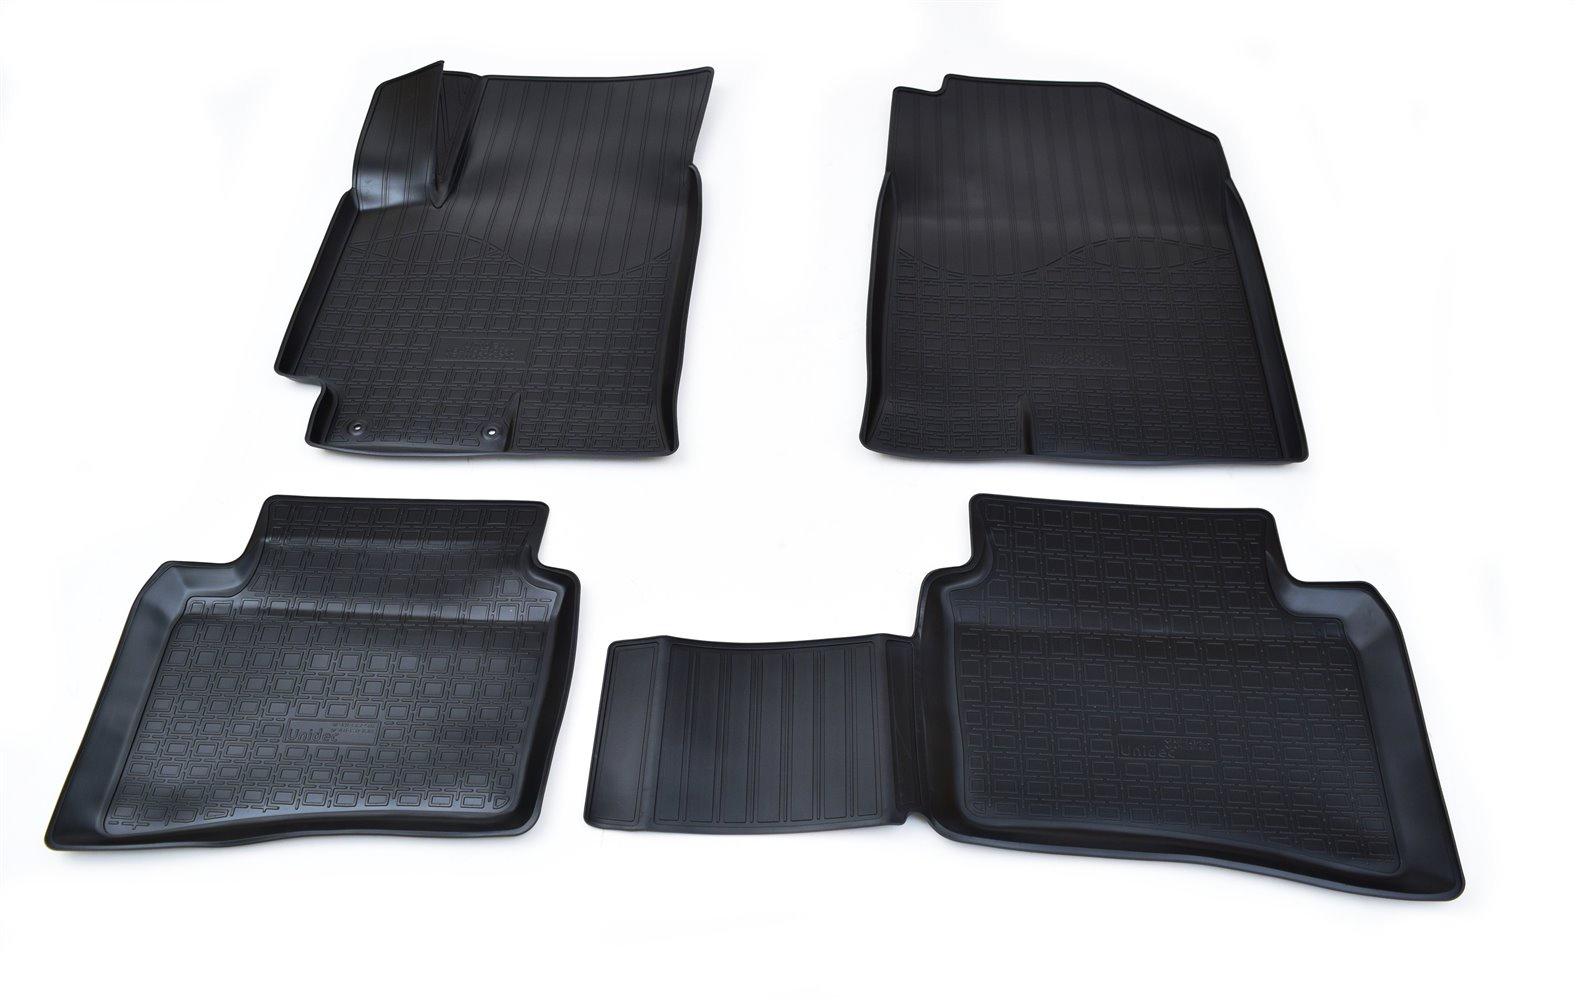 Коврики в салон автомобиля Norplast для Kia Rio (FB) 3D (2017), NPA11-C43-504, черный комплект ковриков в салон автомобиля klever kia rio 2011 econom